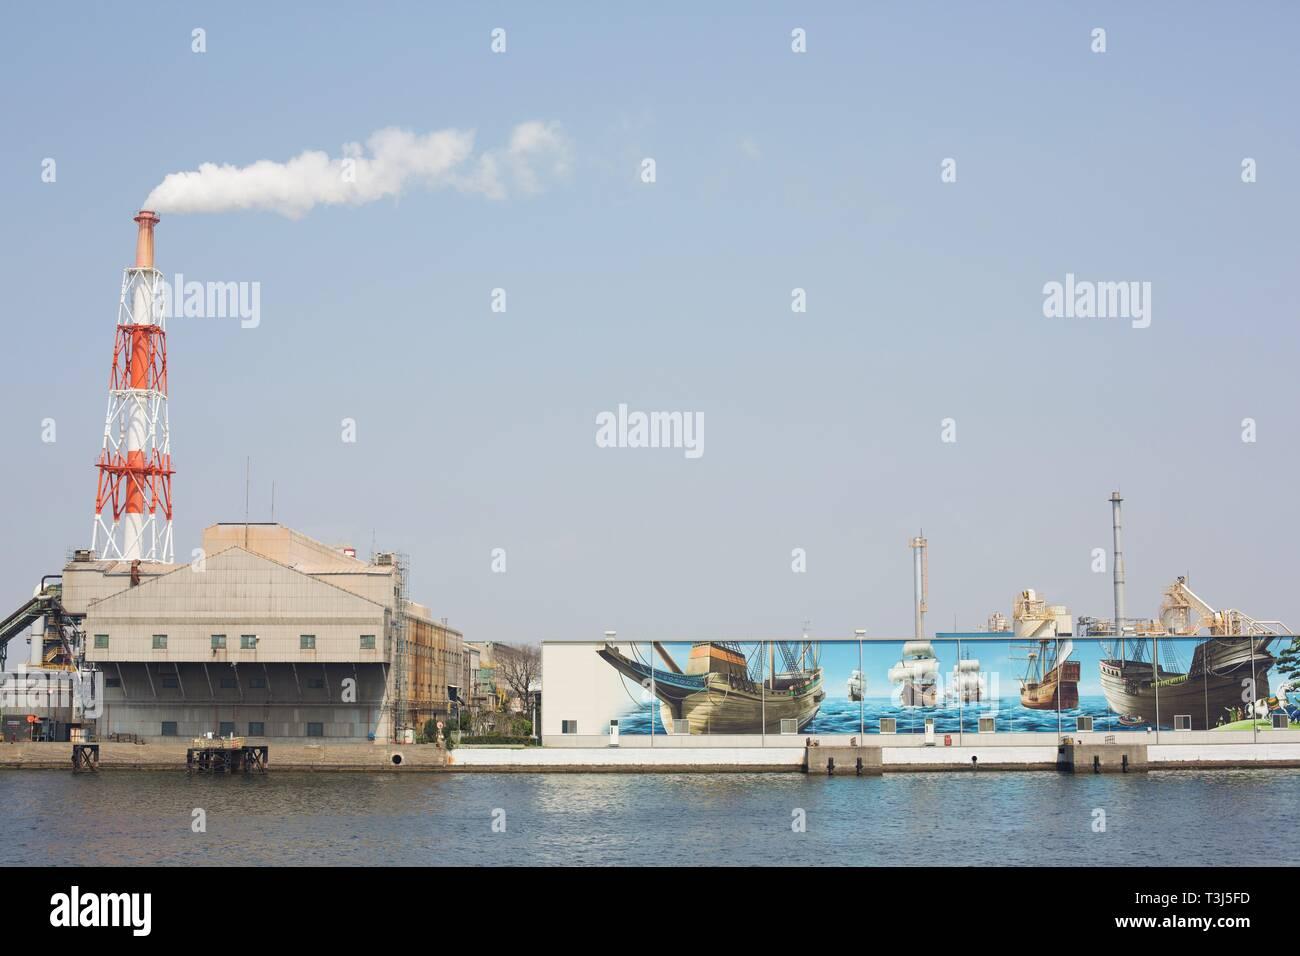 Ein riesiges Wandbild neben einem Schornstein in einem Hafen in Sakai City, Osaka, Japan. Stockbild